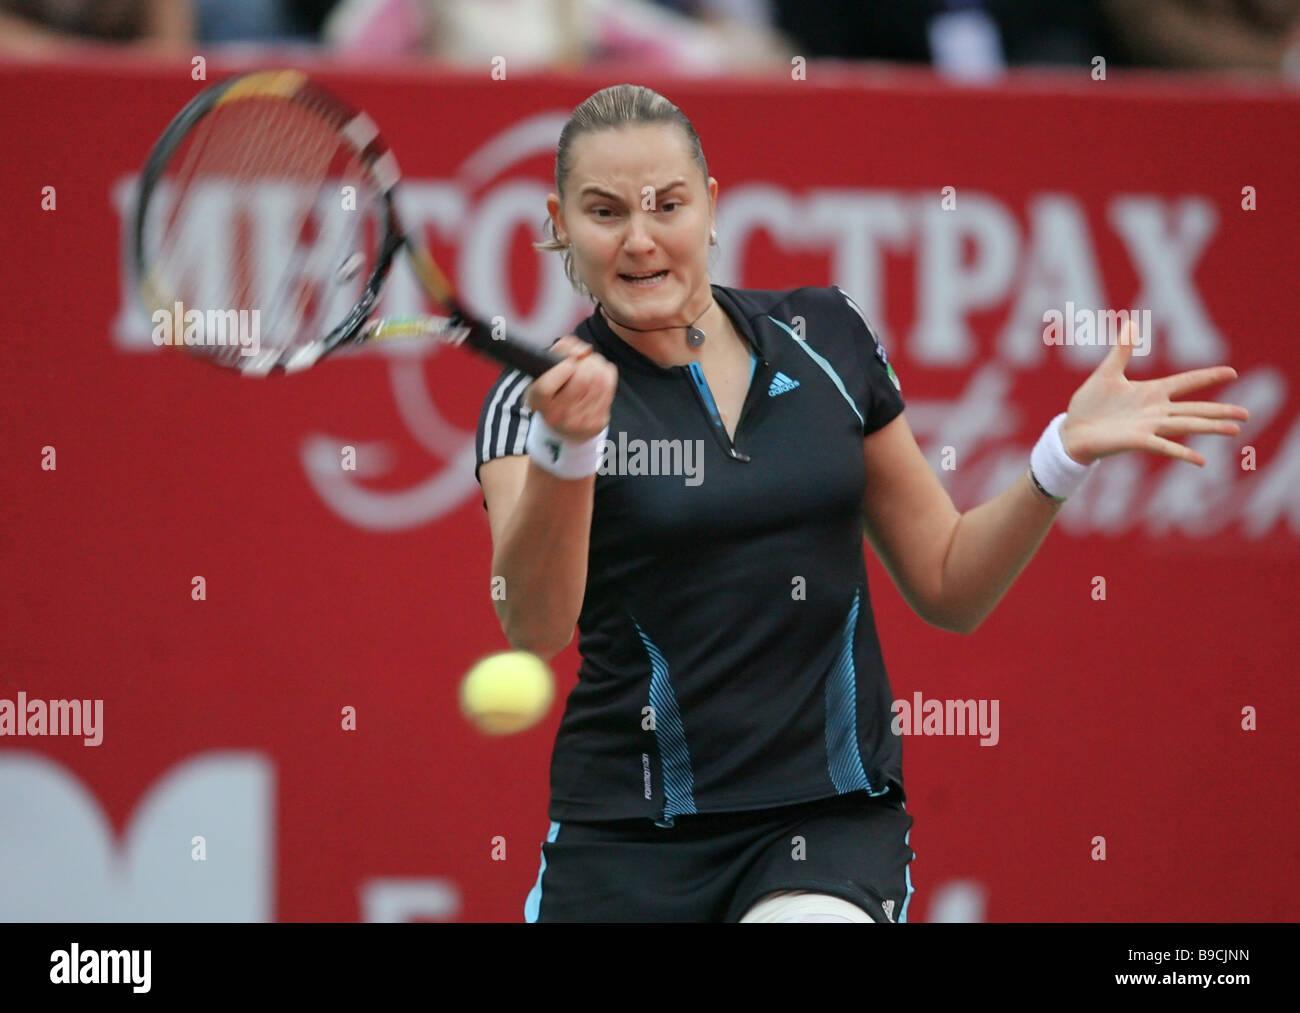 La tenista rusa Nadezhda Petrova durante el partido de la final del 17º torneo internacional de tenis Kremlin cup Foto de stock